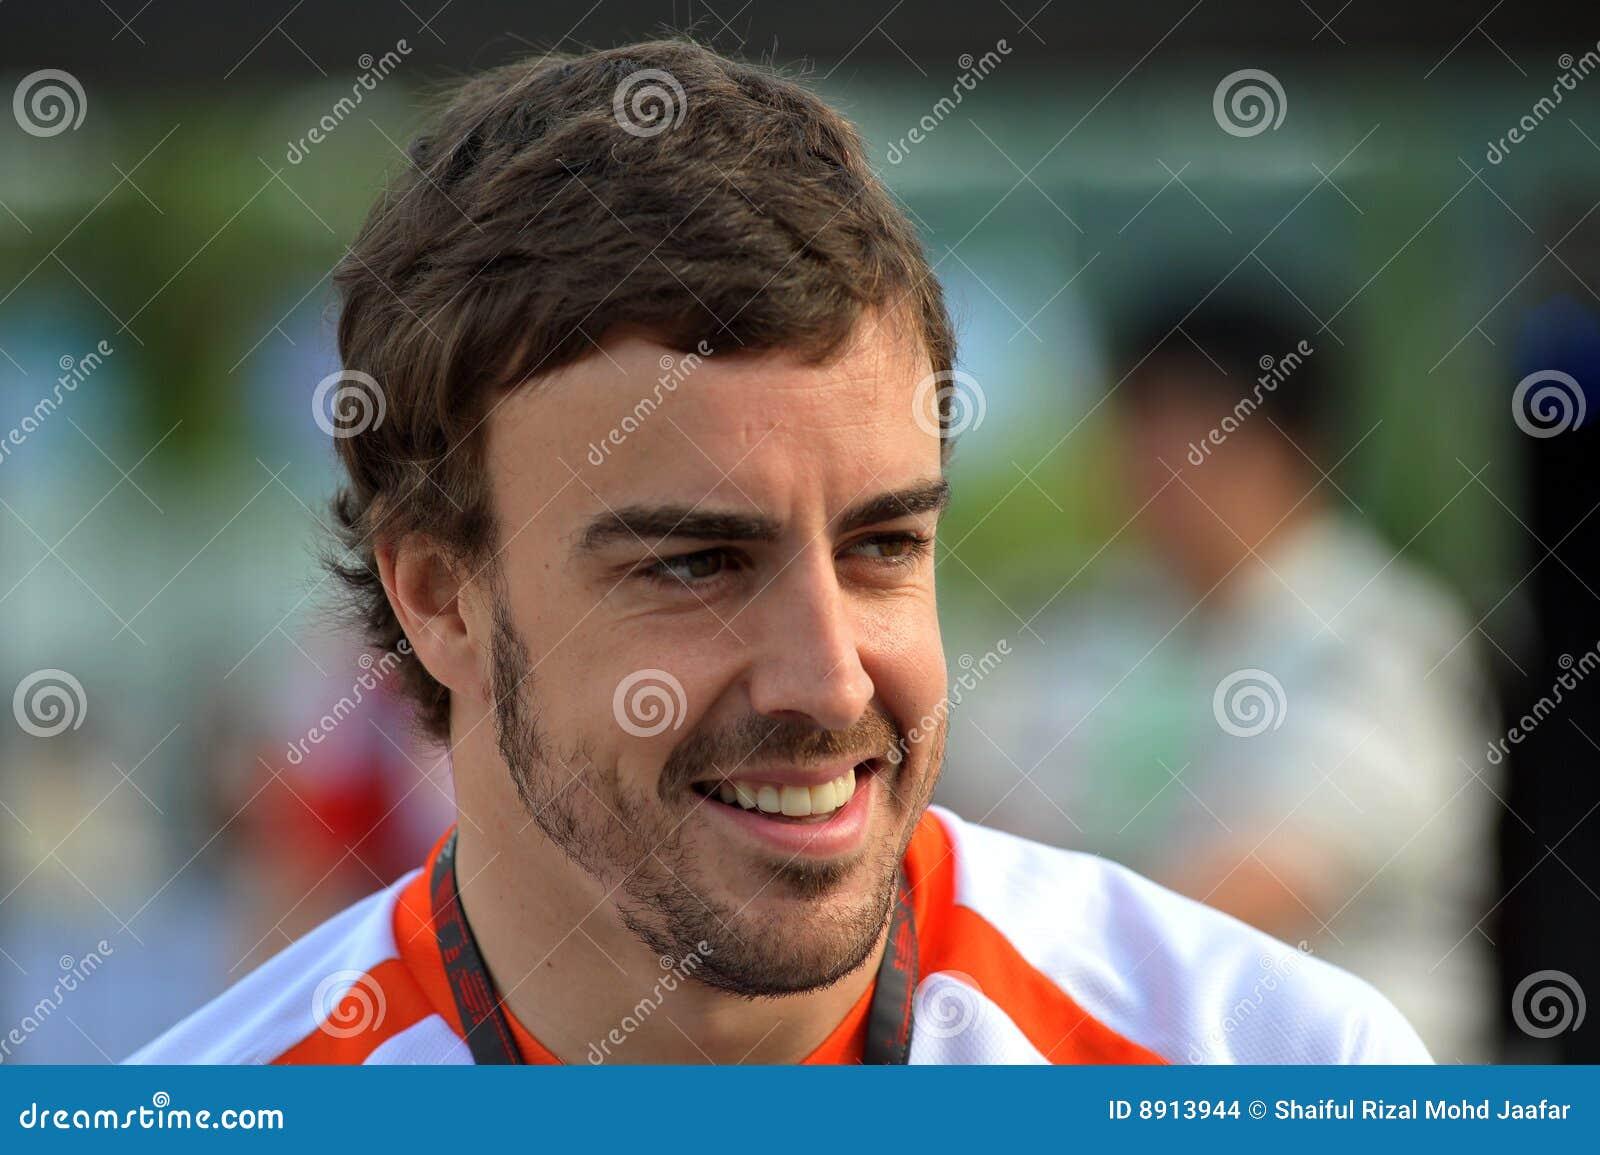 Alonso 2009 f1 fernando участвуя в гонке команда renault